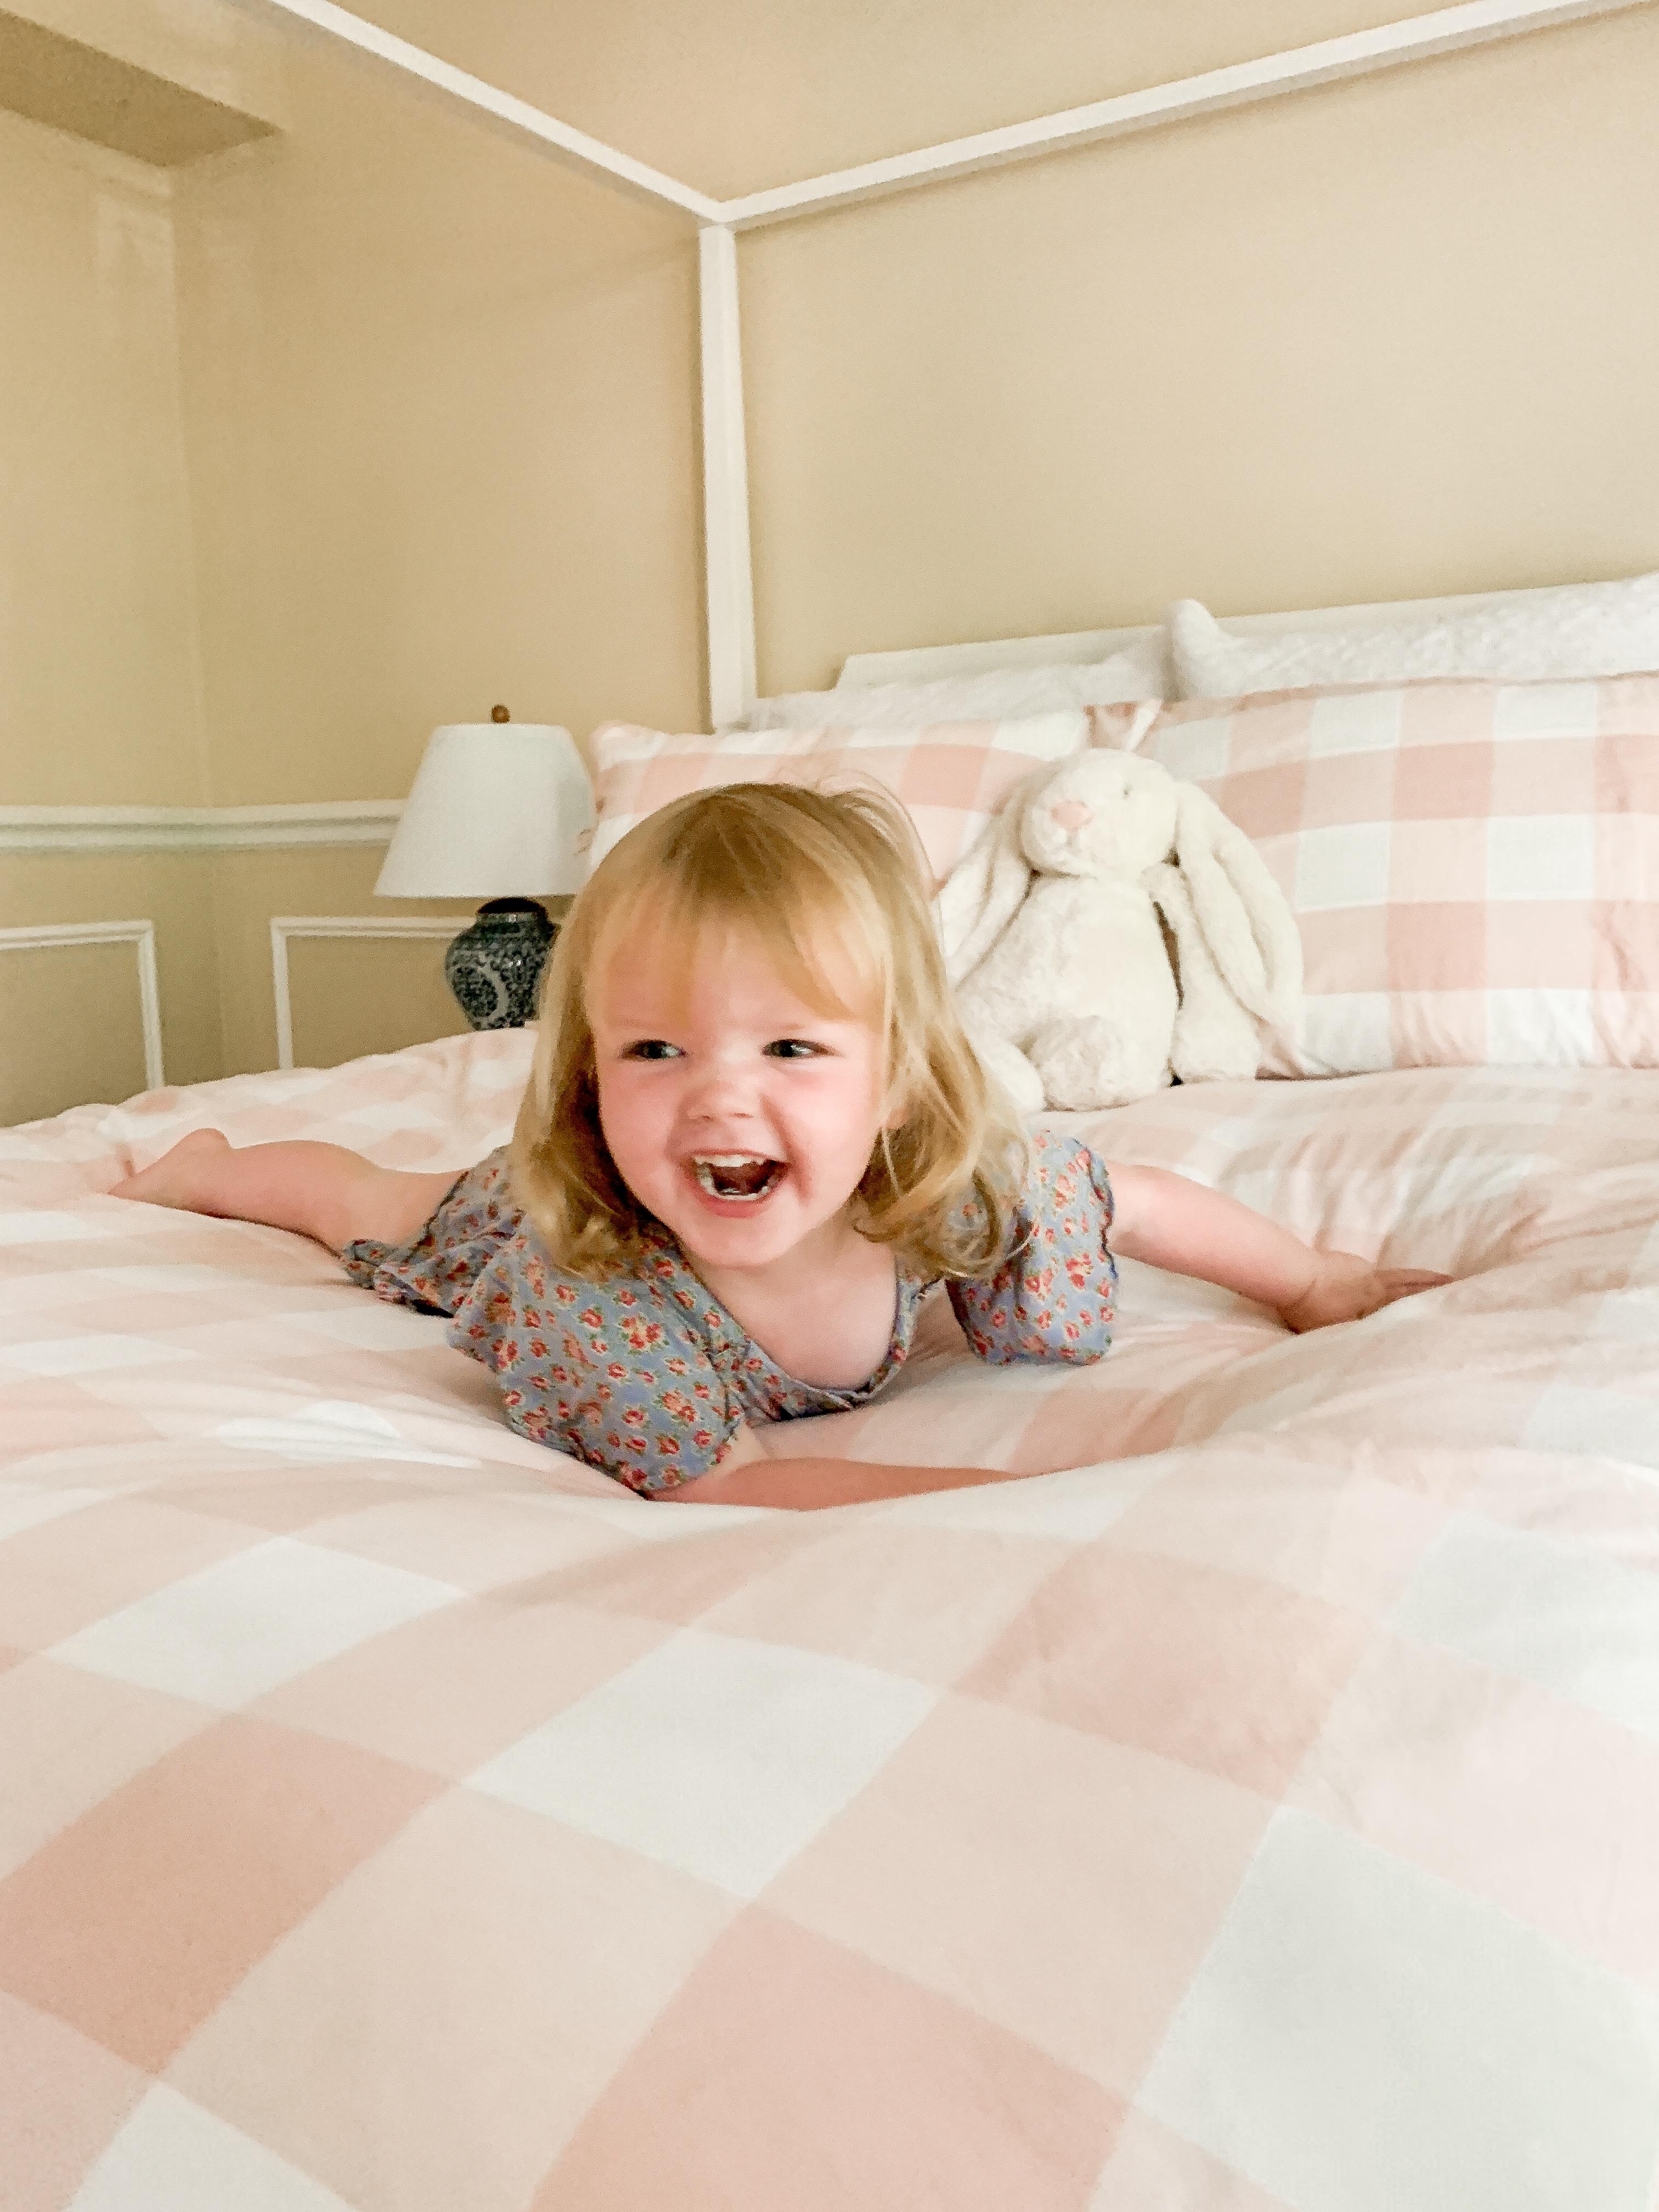 Preppy Little Girls' Room Ideas - Kelly in the City